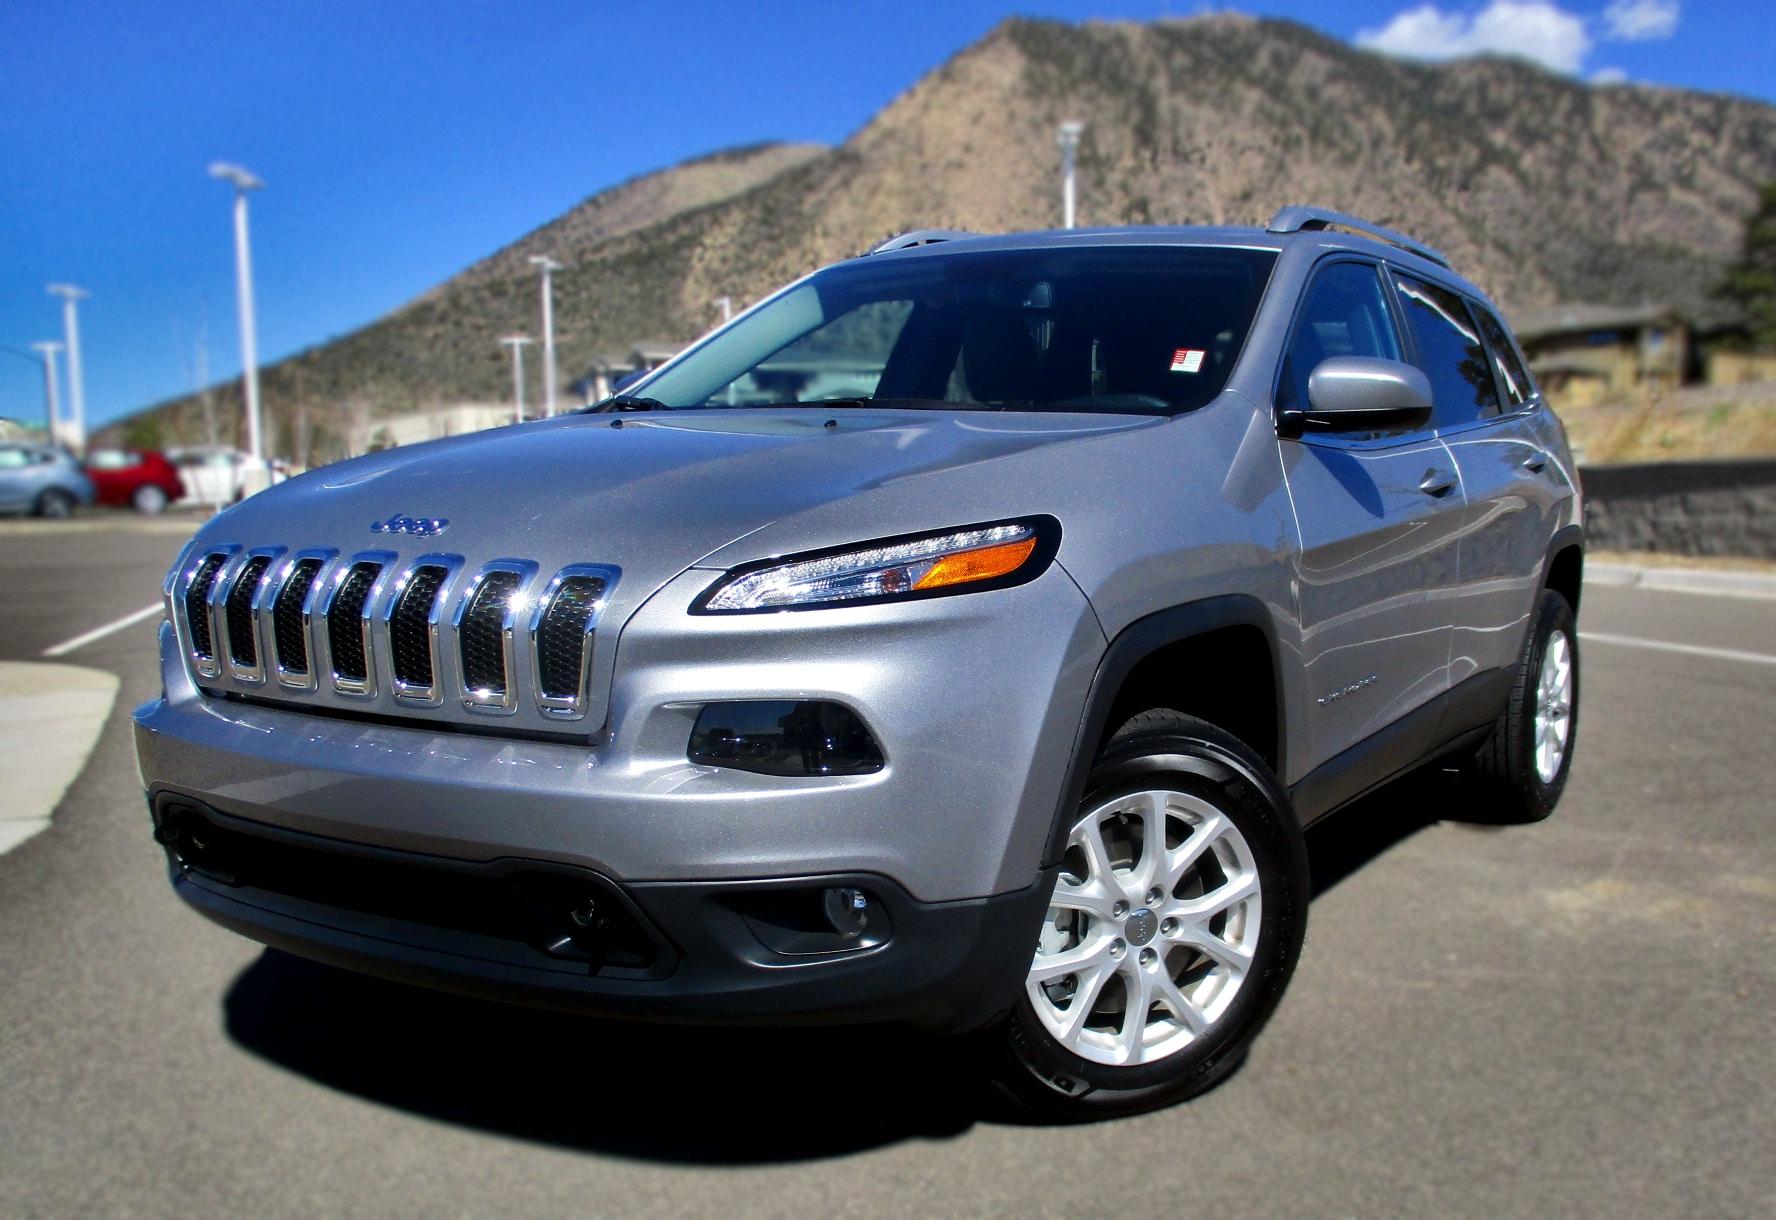 Used 2018 Jeep Cherokee Latitude Plus 4WD w/Lifetime Powertrain Warranty Latitude Plus 4x4 Flagstaff, AZ